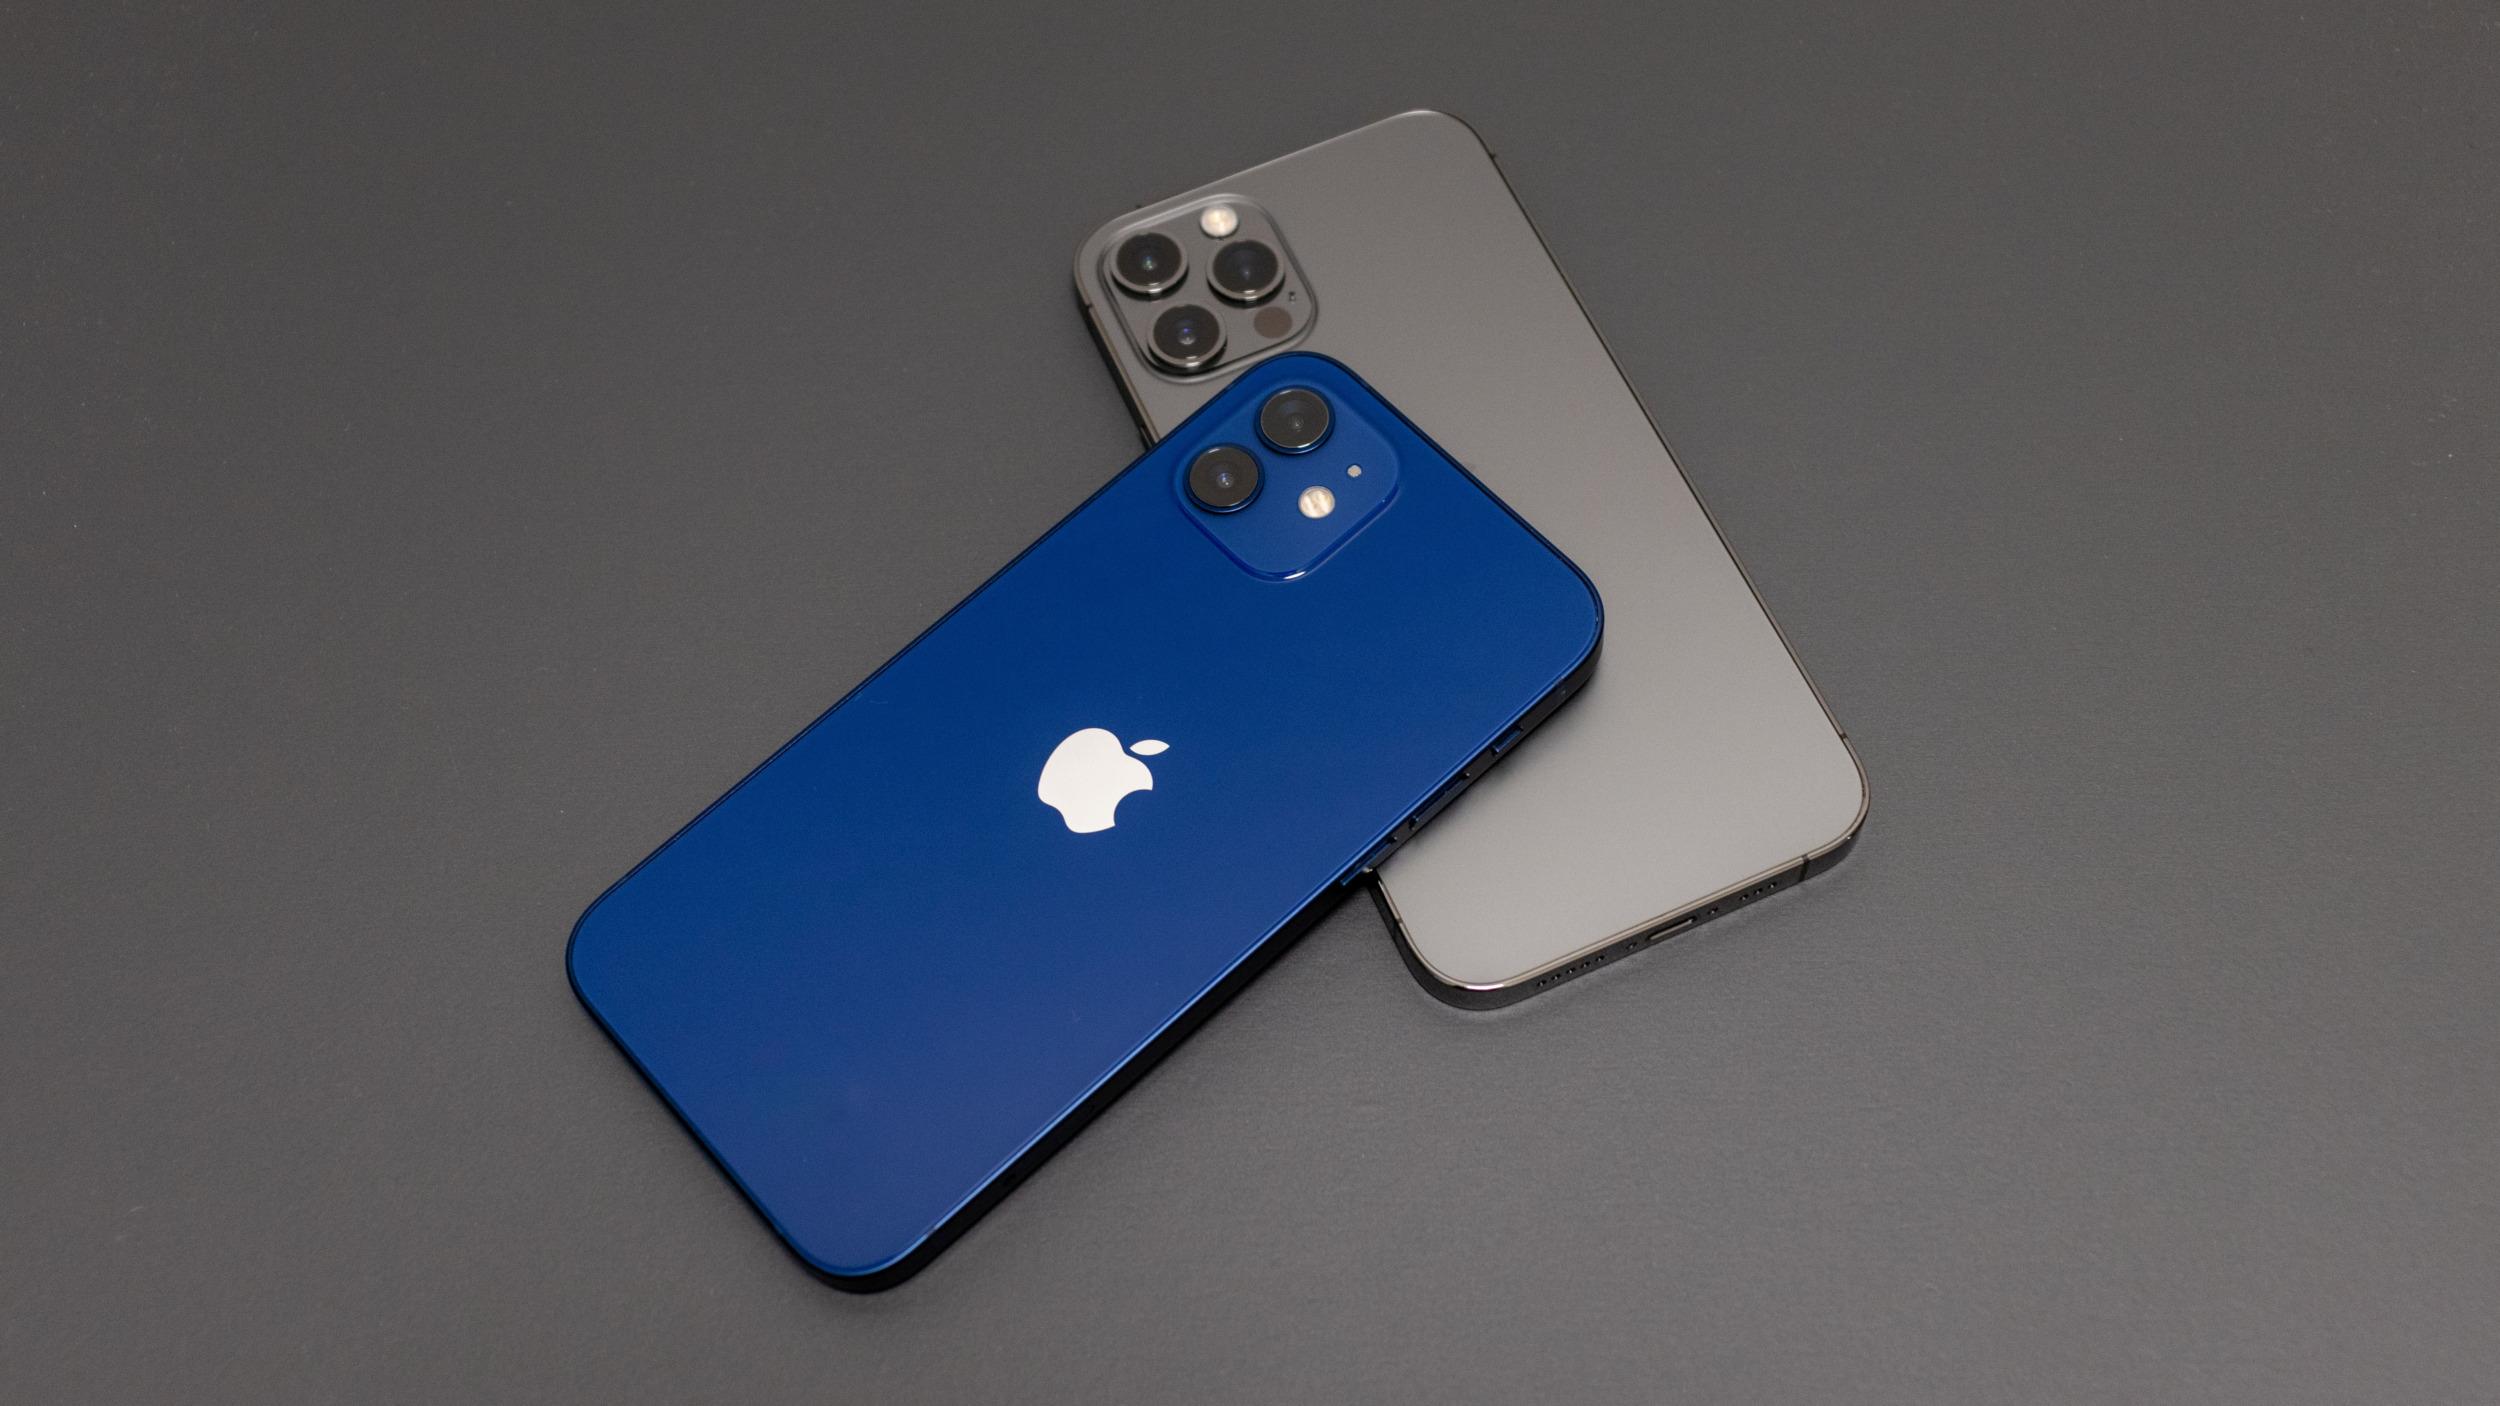 Nový iPhone 12 je údajně o 21 procent dražší na výrobu než iPhone 11